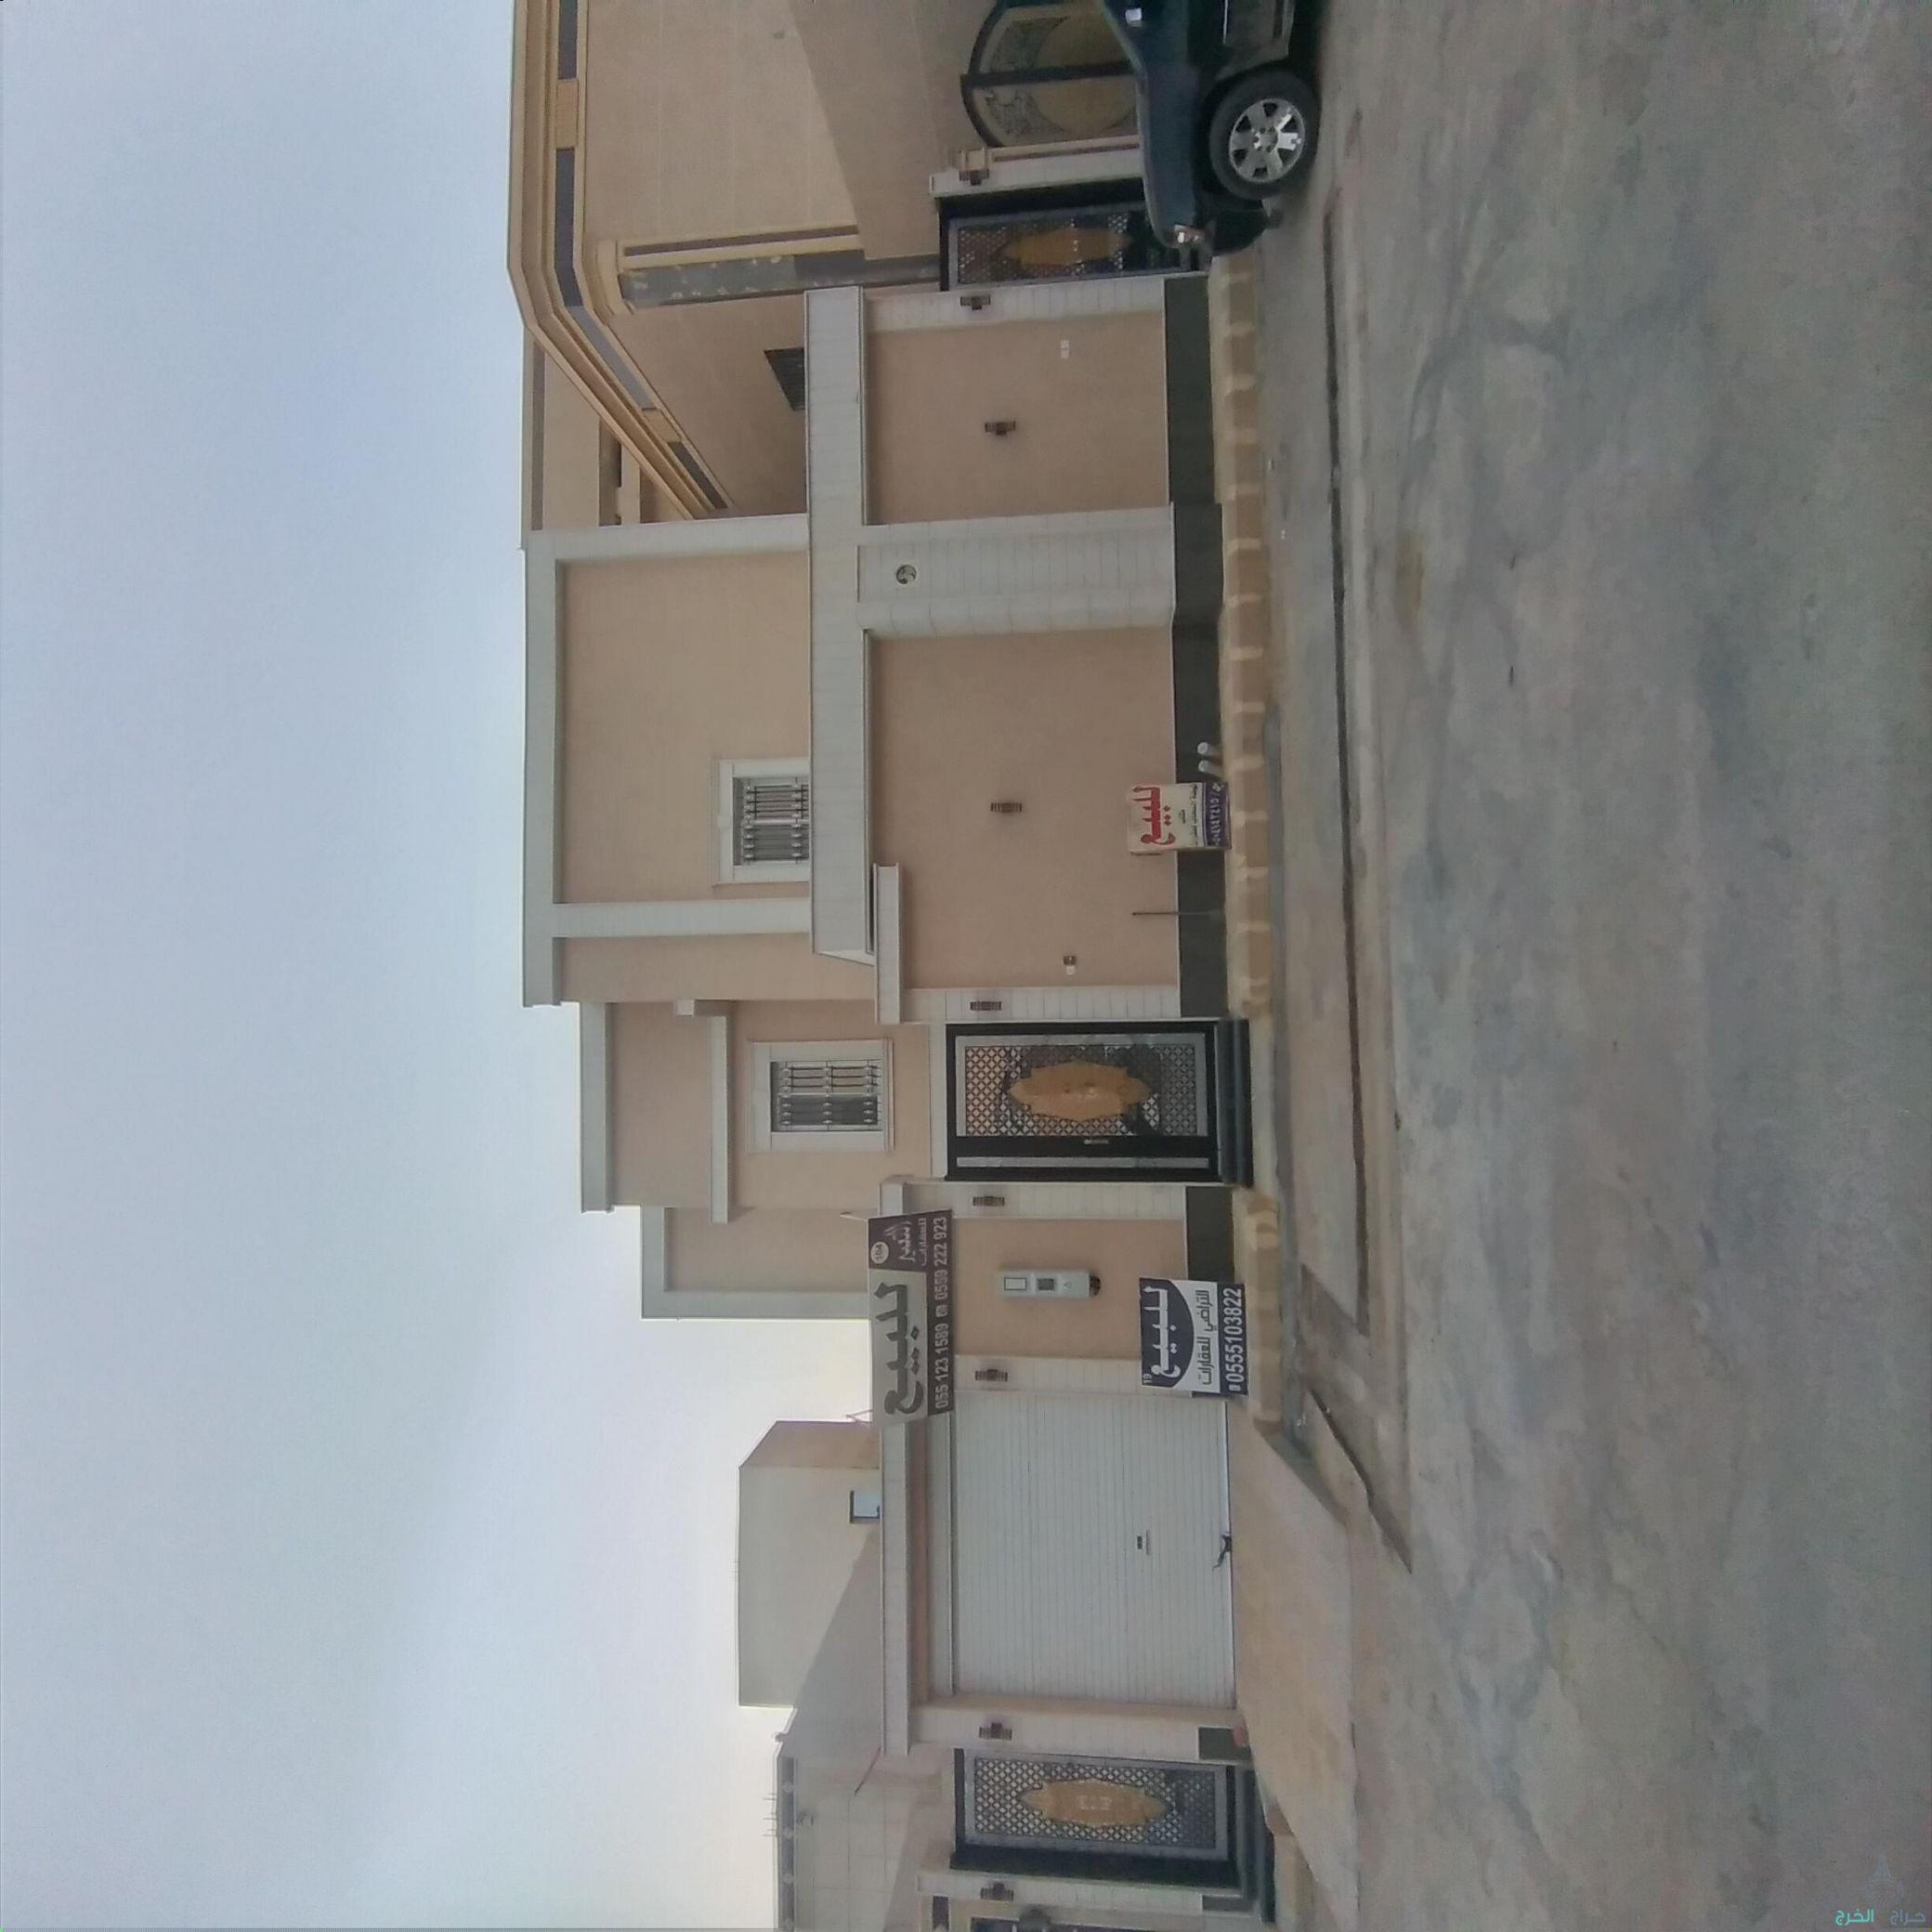 للبيع فلة فخم في حي السحاب بالخرج المساحة450م الواجهة شرقية